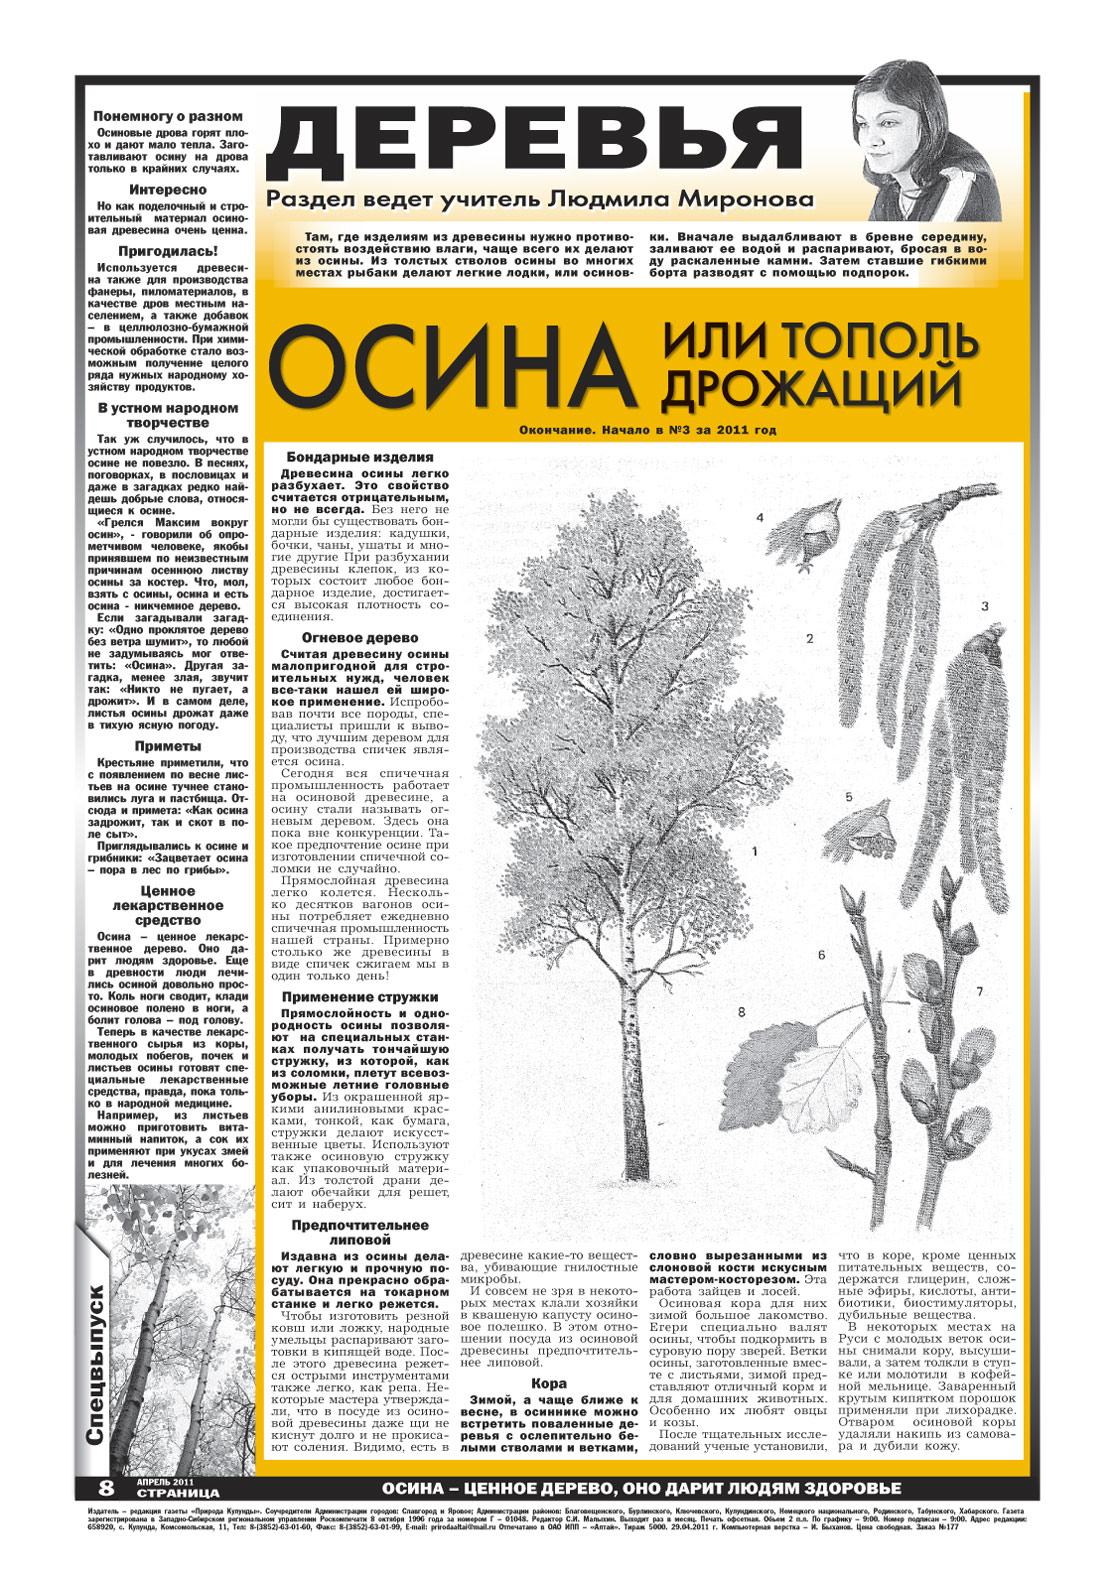 Деревья сибири осина или тополь